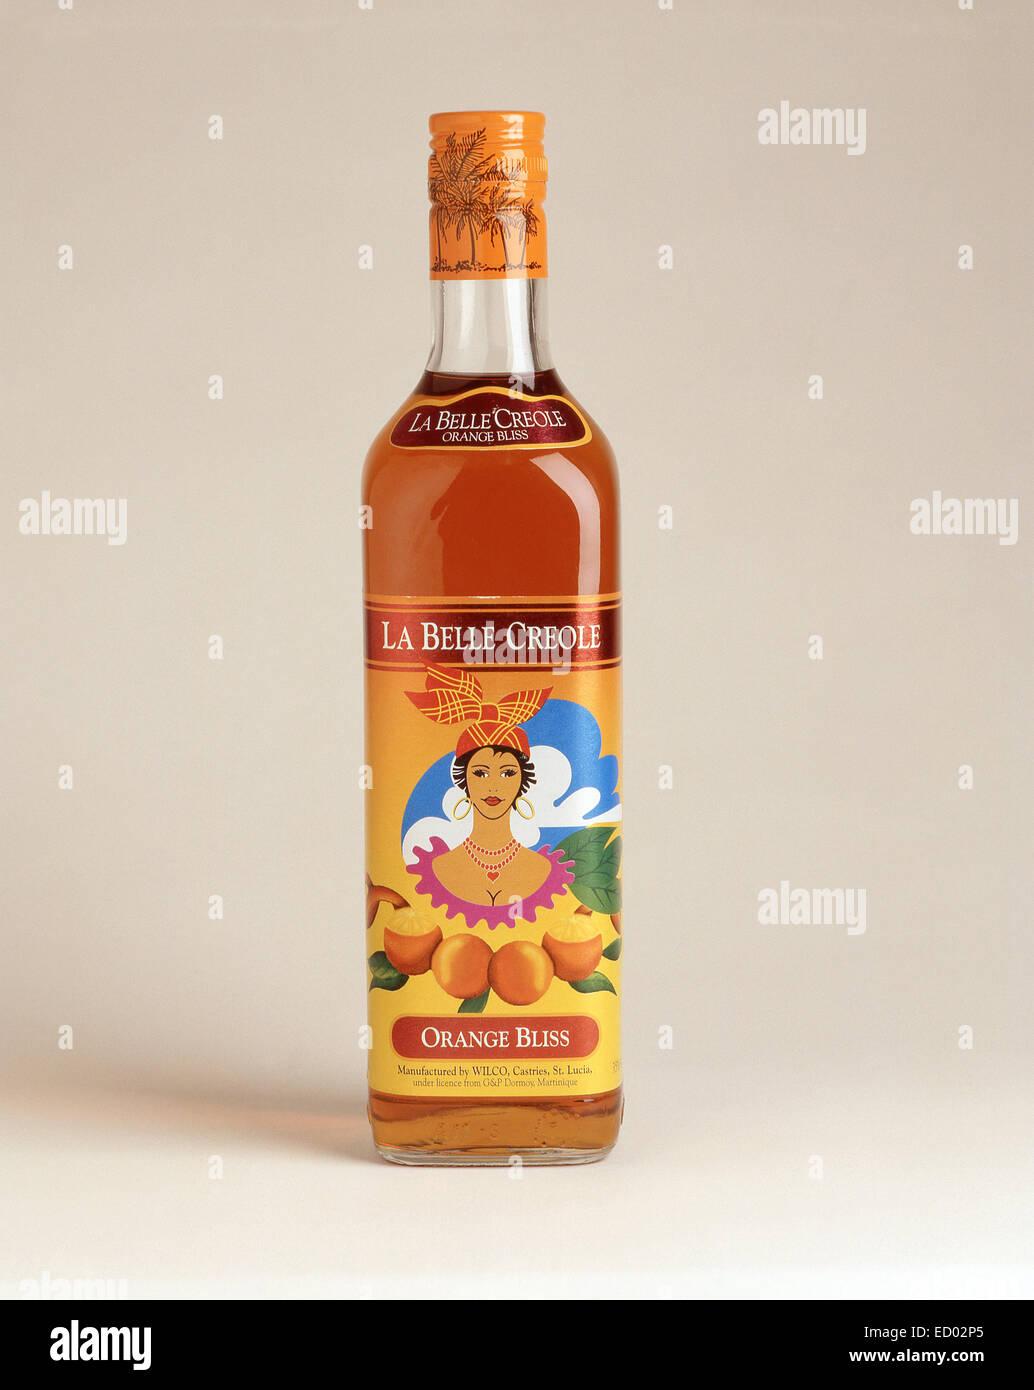 La Belle Creole Orange Bliss rum liqueur, Saint Lucia, Lesser Antilles, Caribbean - Stock Image